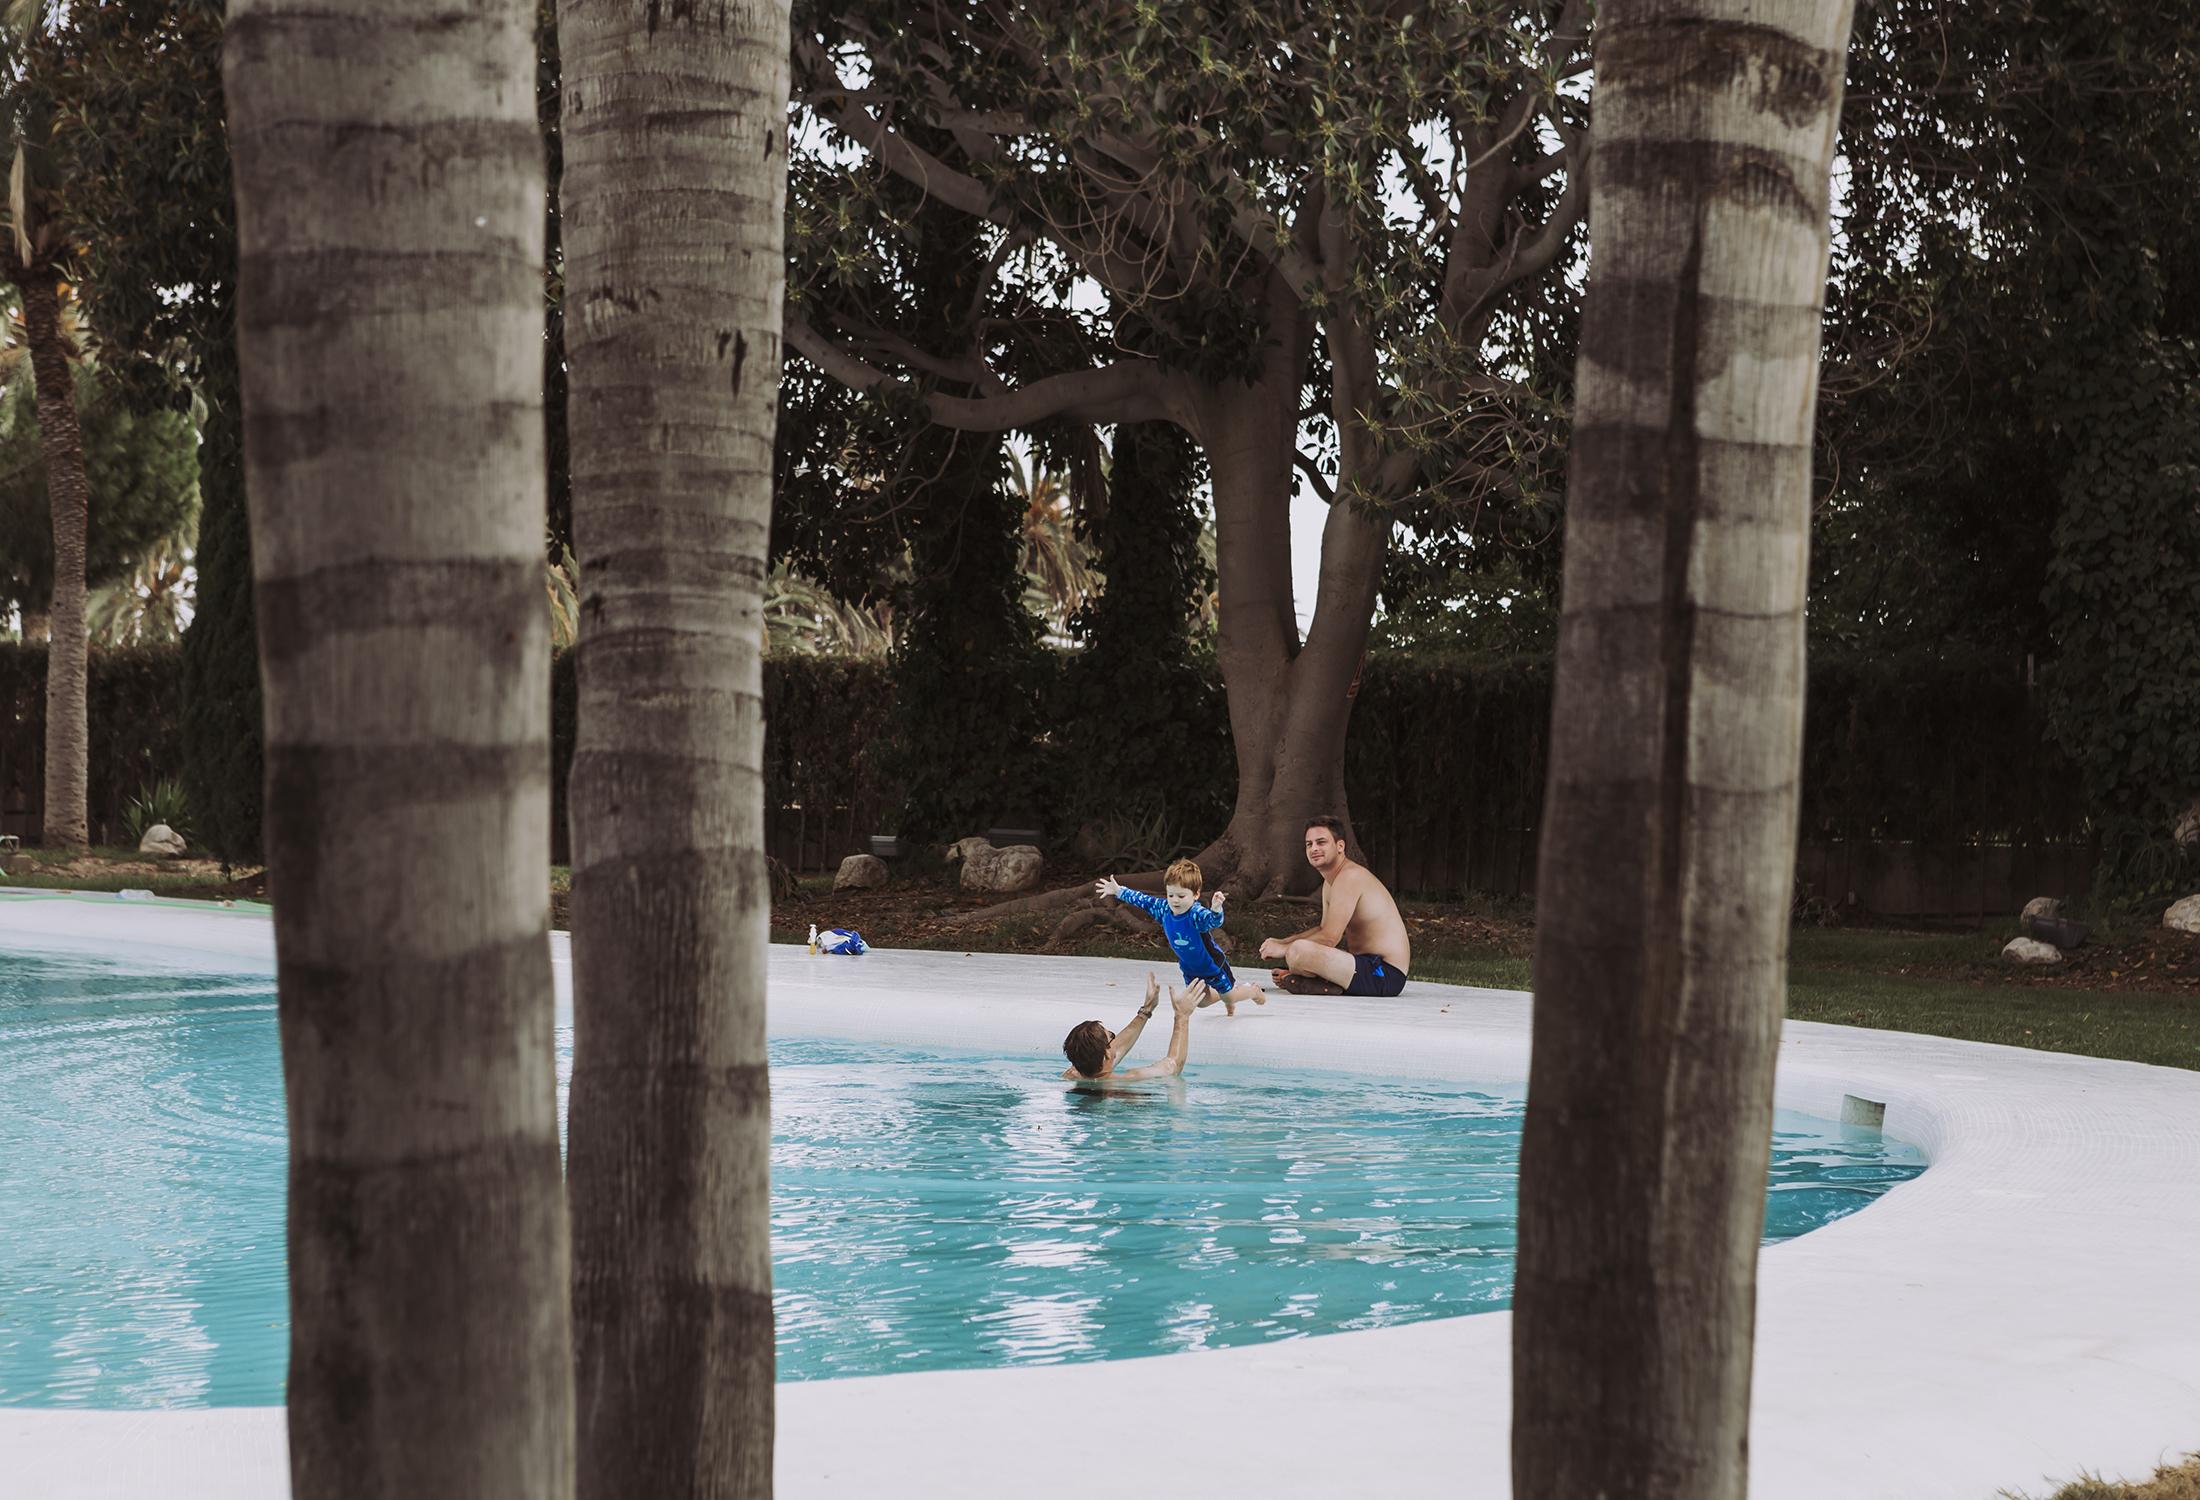 Boda en La Hacienda de Novelda - Irene y Benny - Fotos boda Alicante